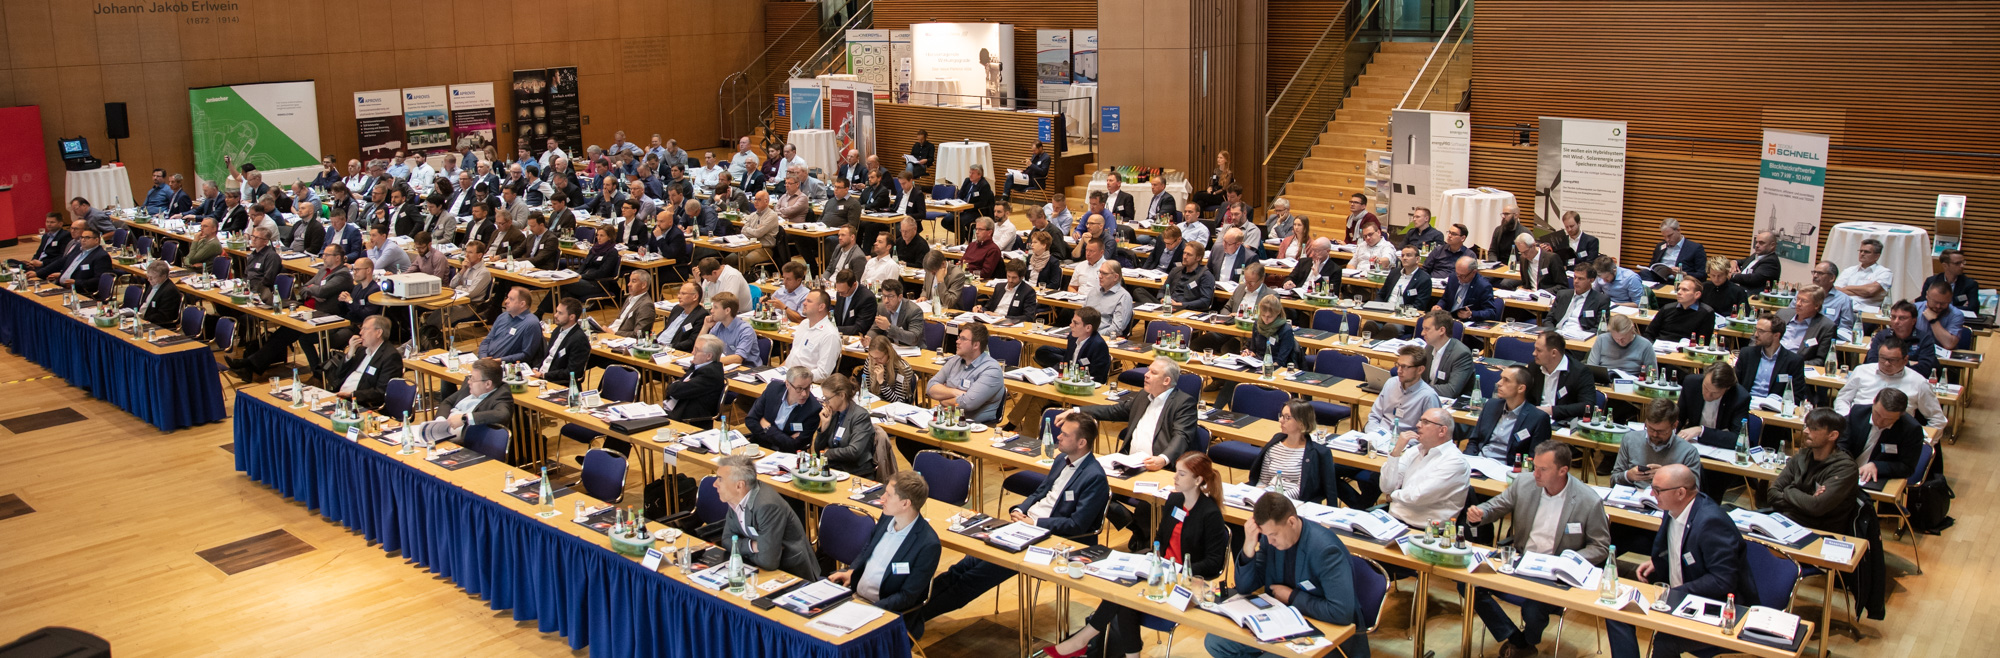 KWK-Branchentreffen als ideale Möglichkeit einer Unternehmenspräsentation